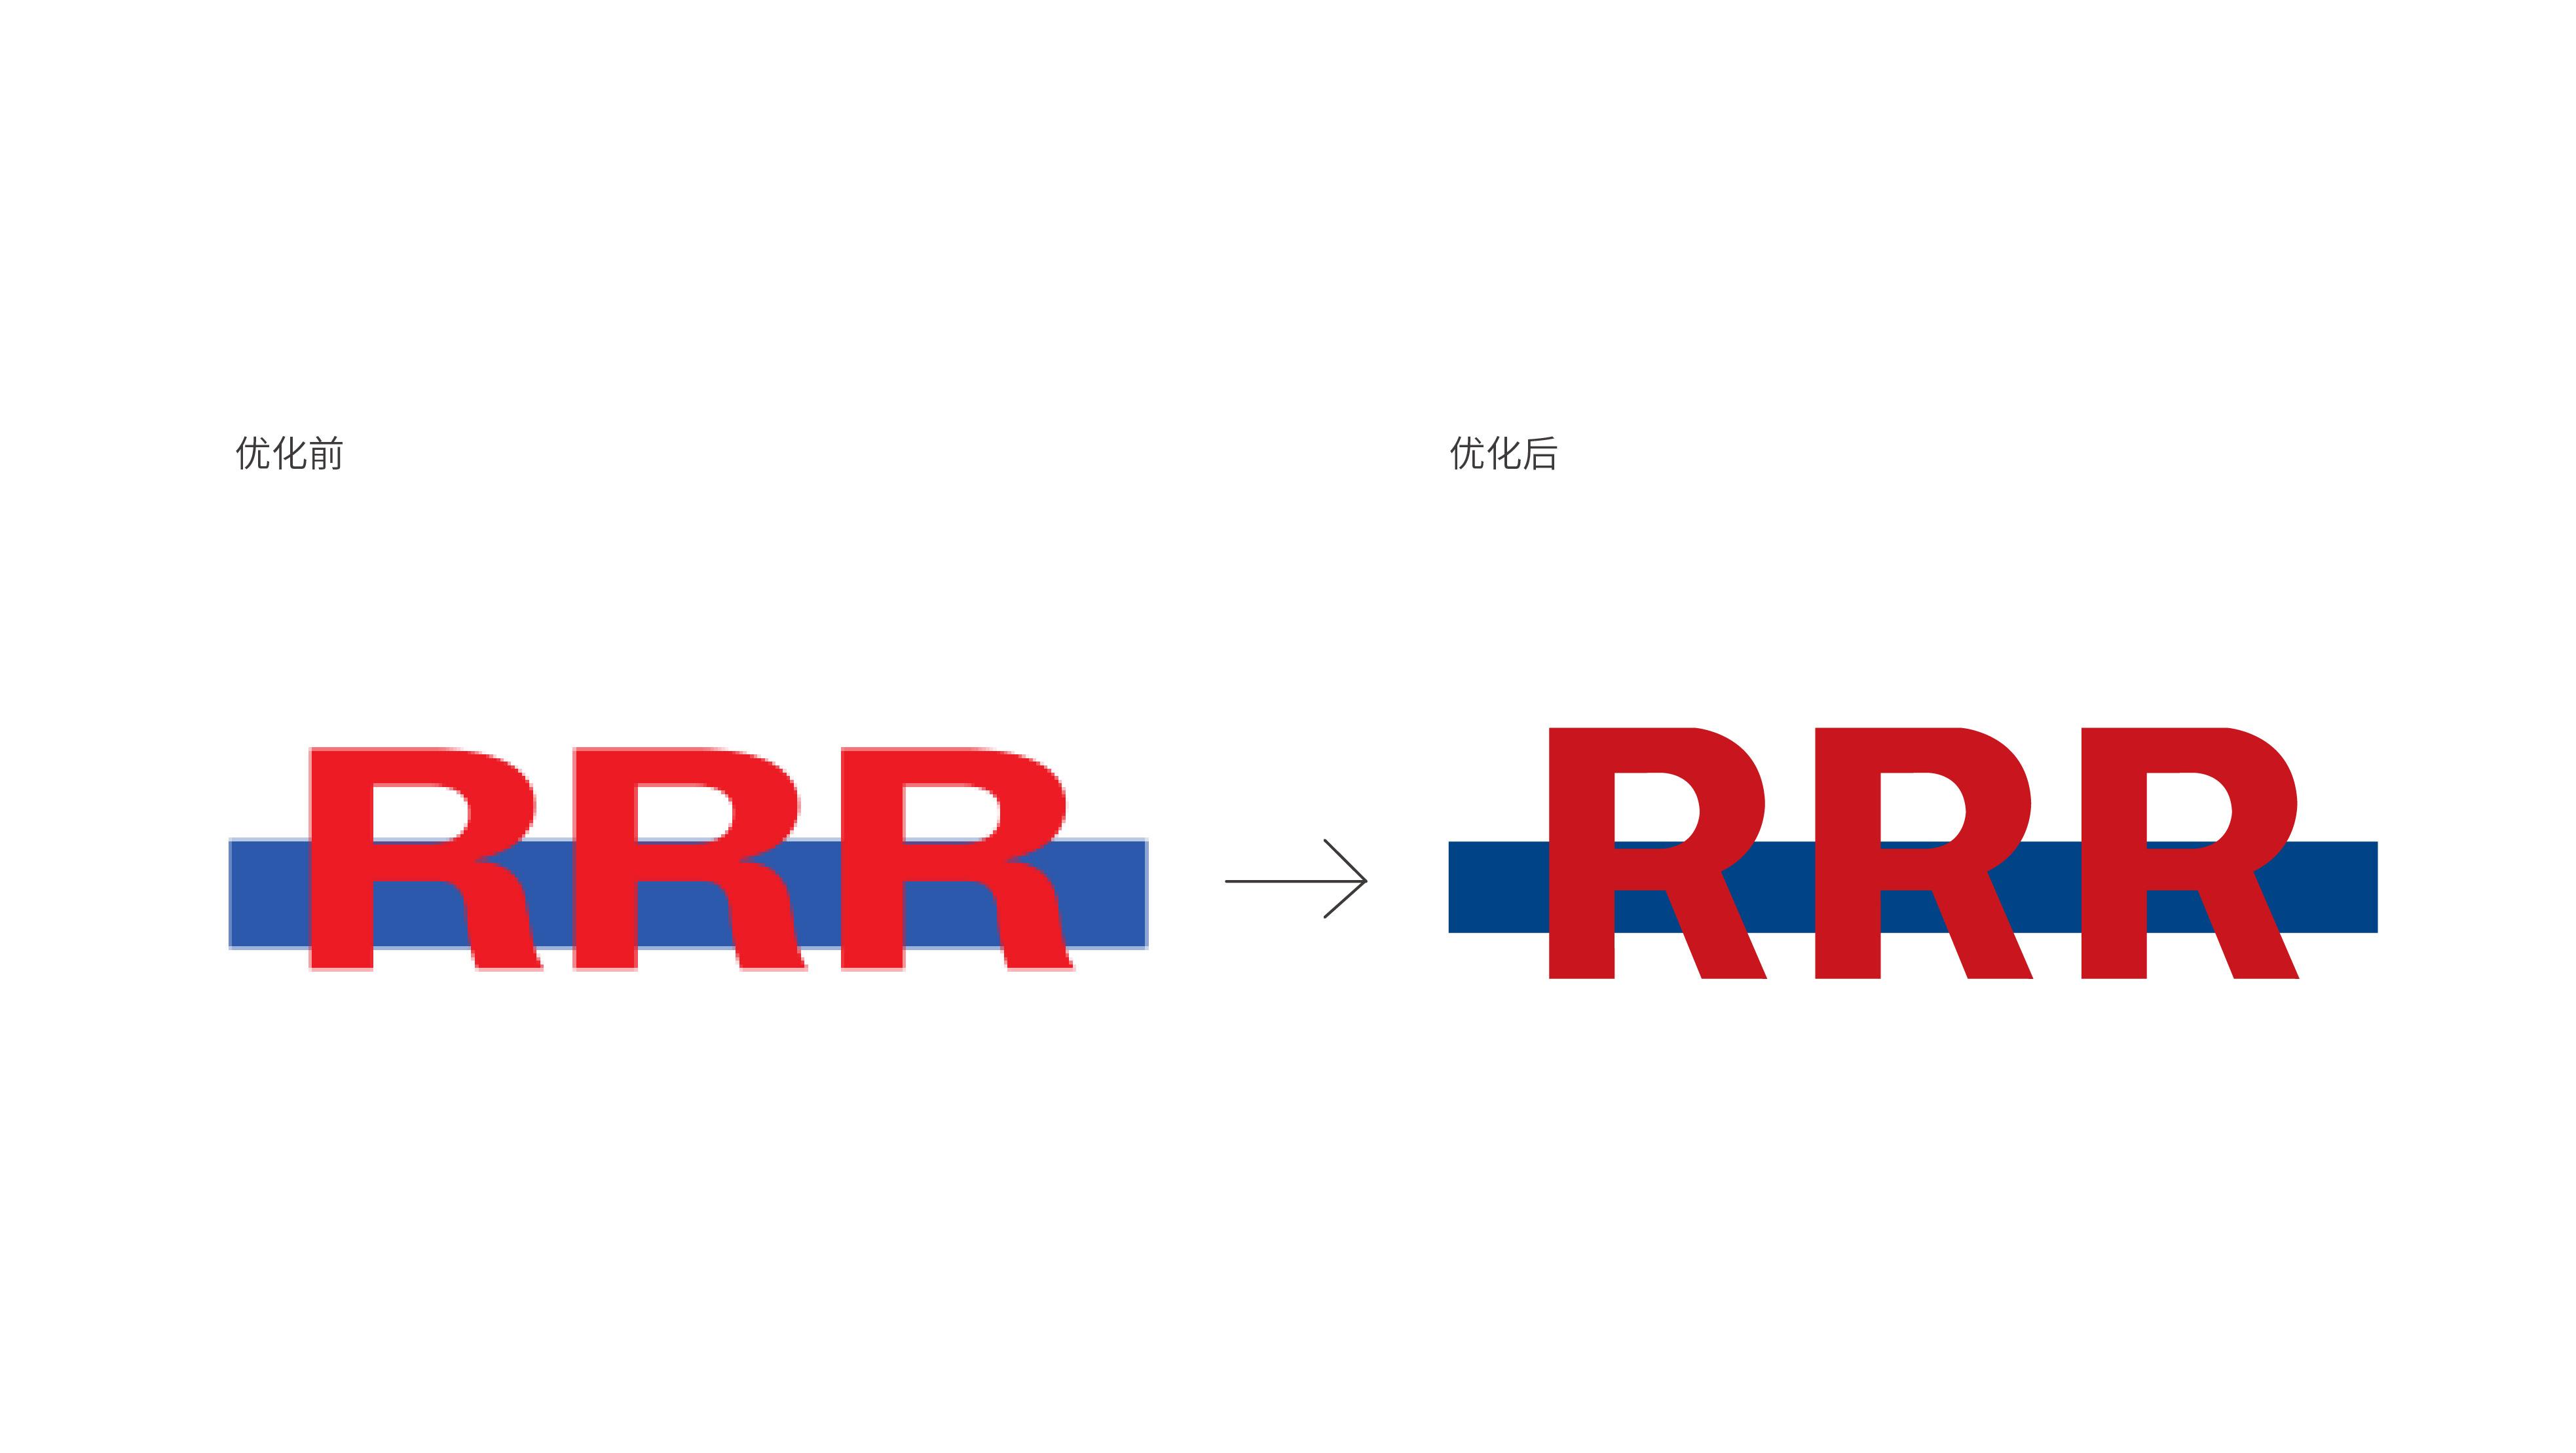 锐一机电公司VI设计,双色系与R识别风工业企业vi设计